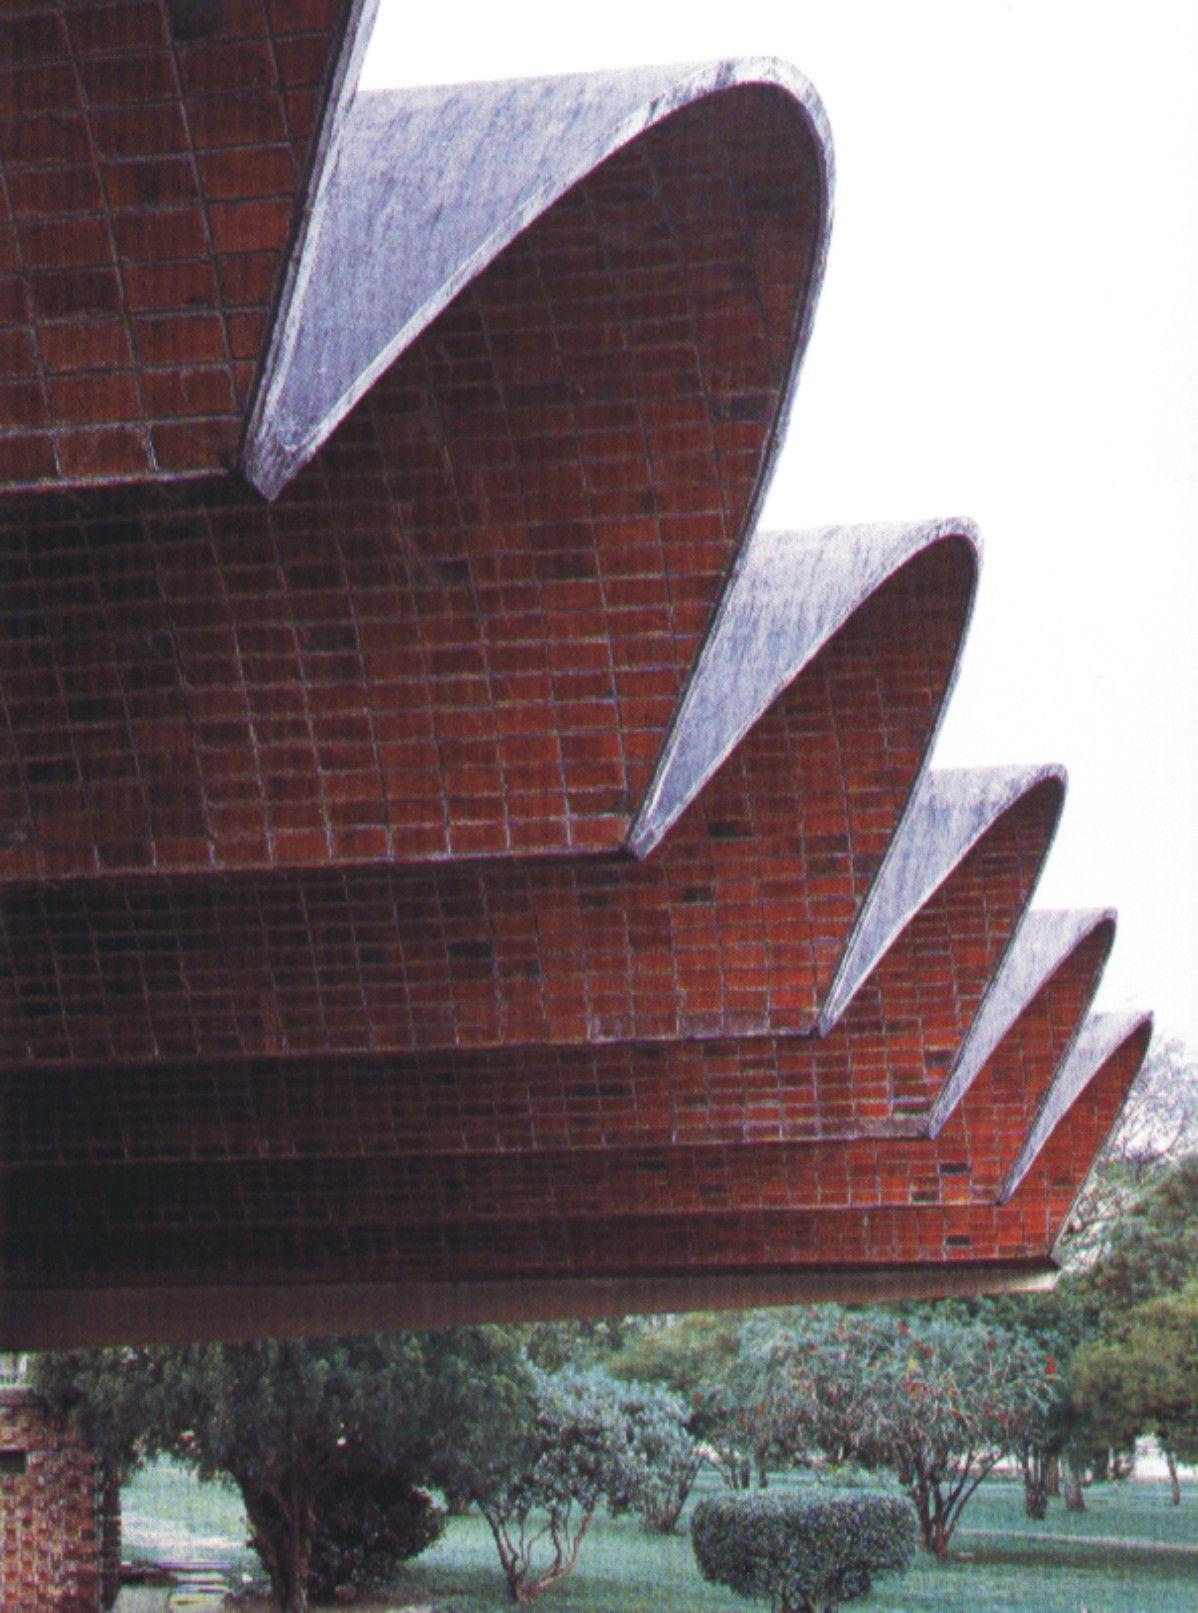 Terminal De La Ciudad De Salto Departamento De Salto Uruguay Brick Architecture Roof Architecture Architecture